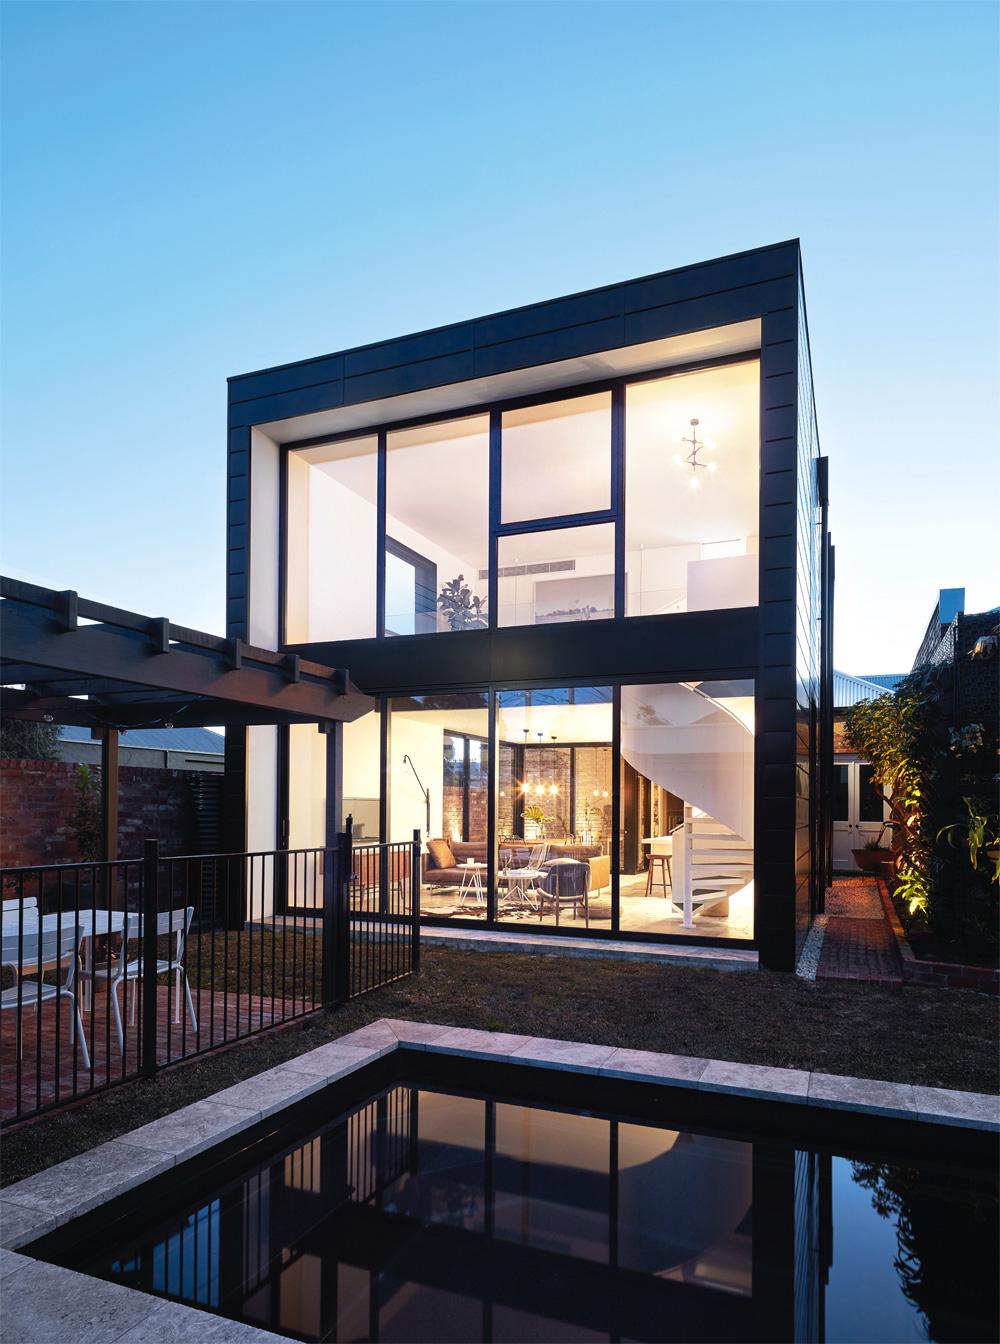 Grand Designs Australia: The